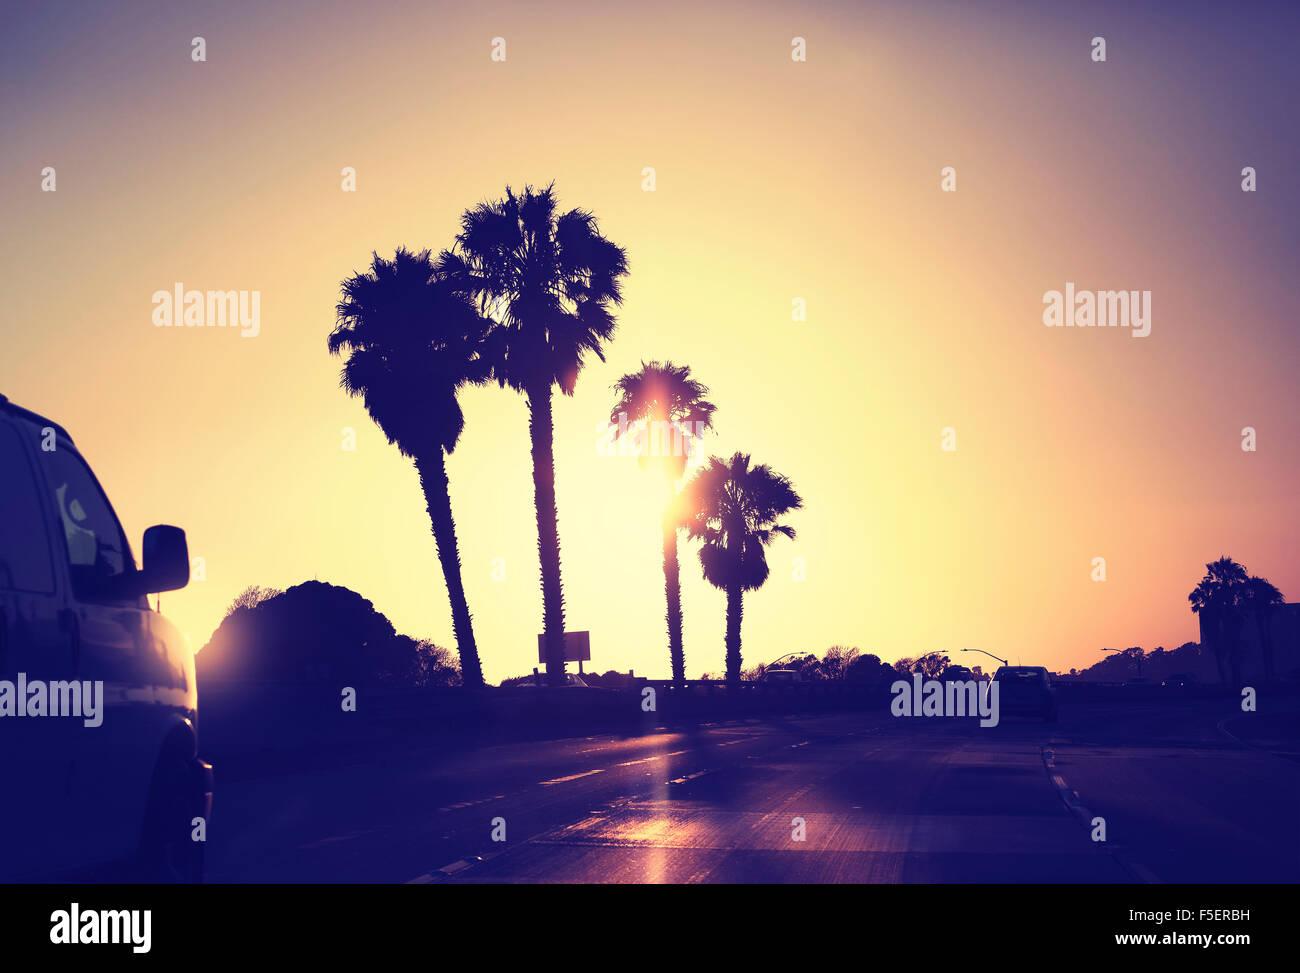 Vintage stilisierte Bild der Straße gegen Sonnenuntergang, Kalifornien, USA. Stockbild